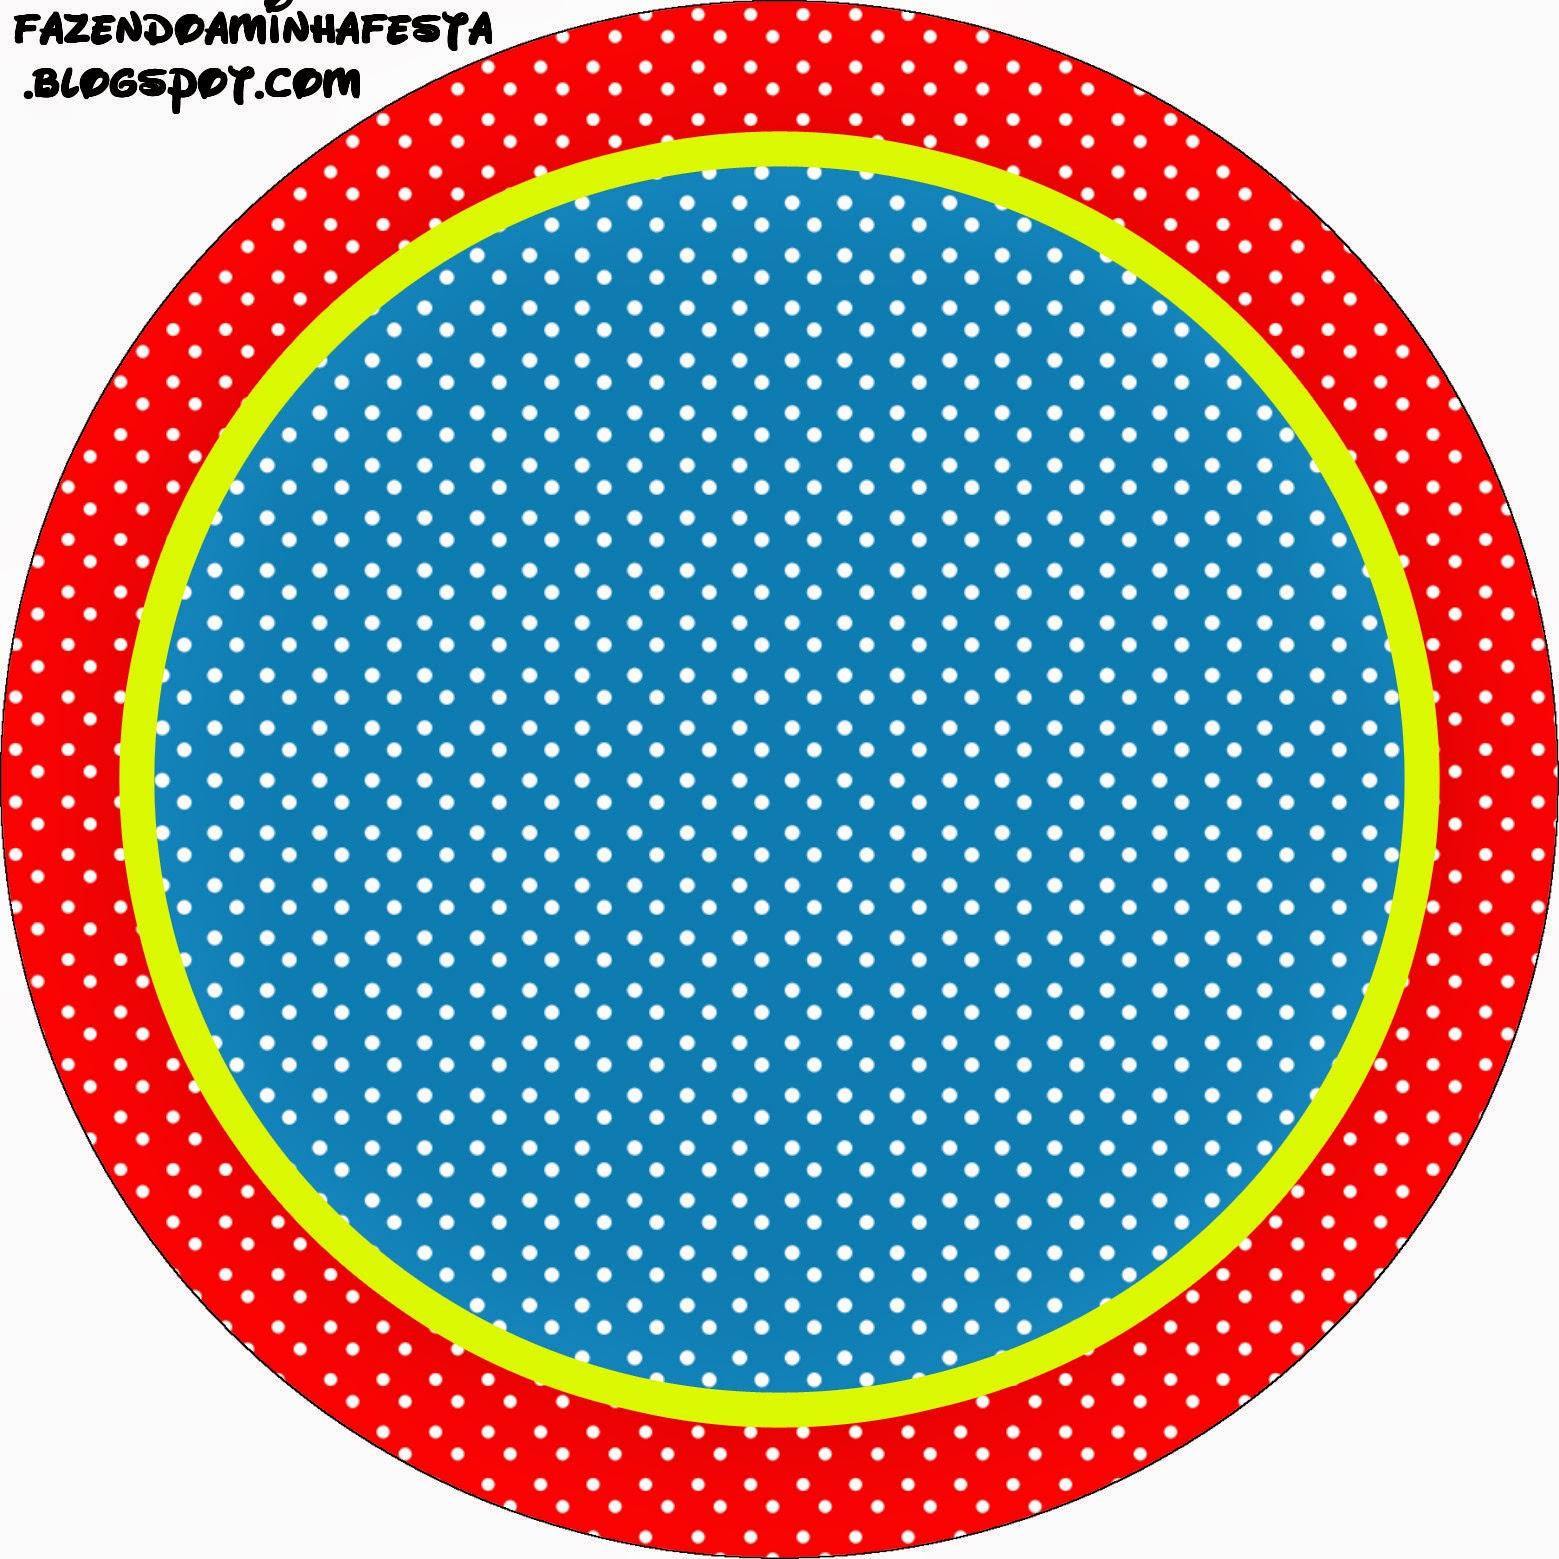 Toppers o Etiquetas de Rojo, Amarillo y Azul para imprimir gratis.